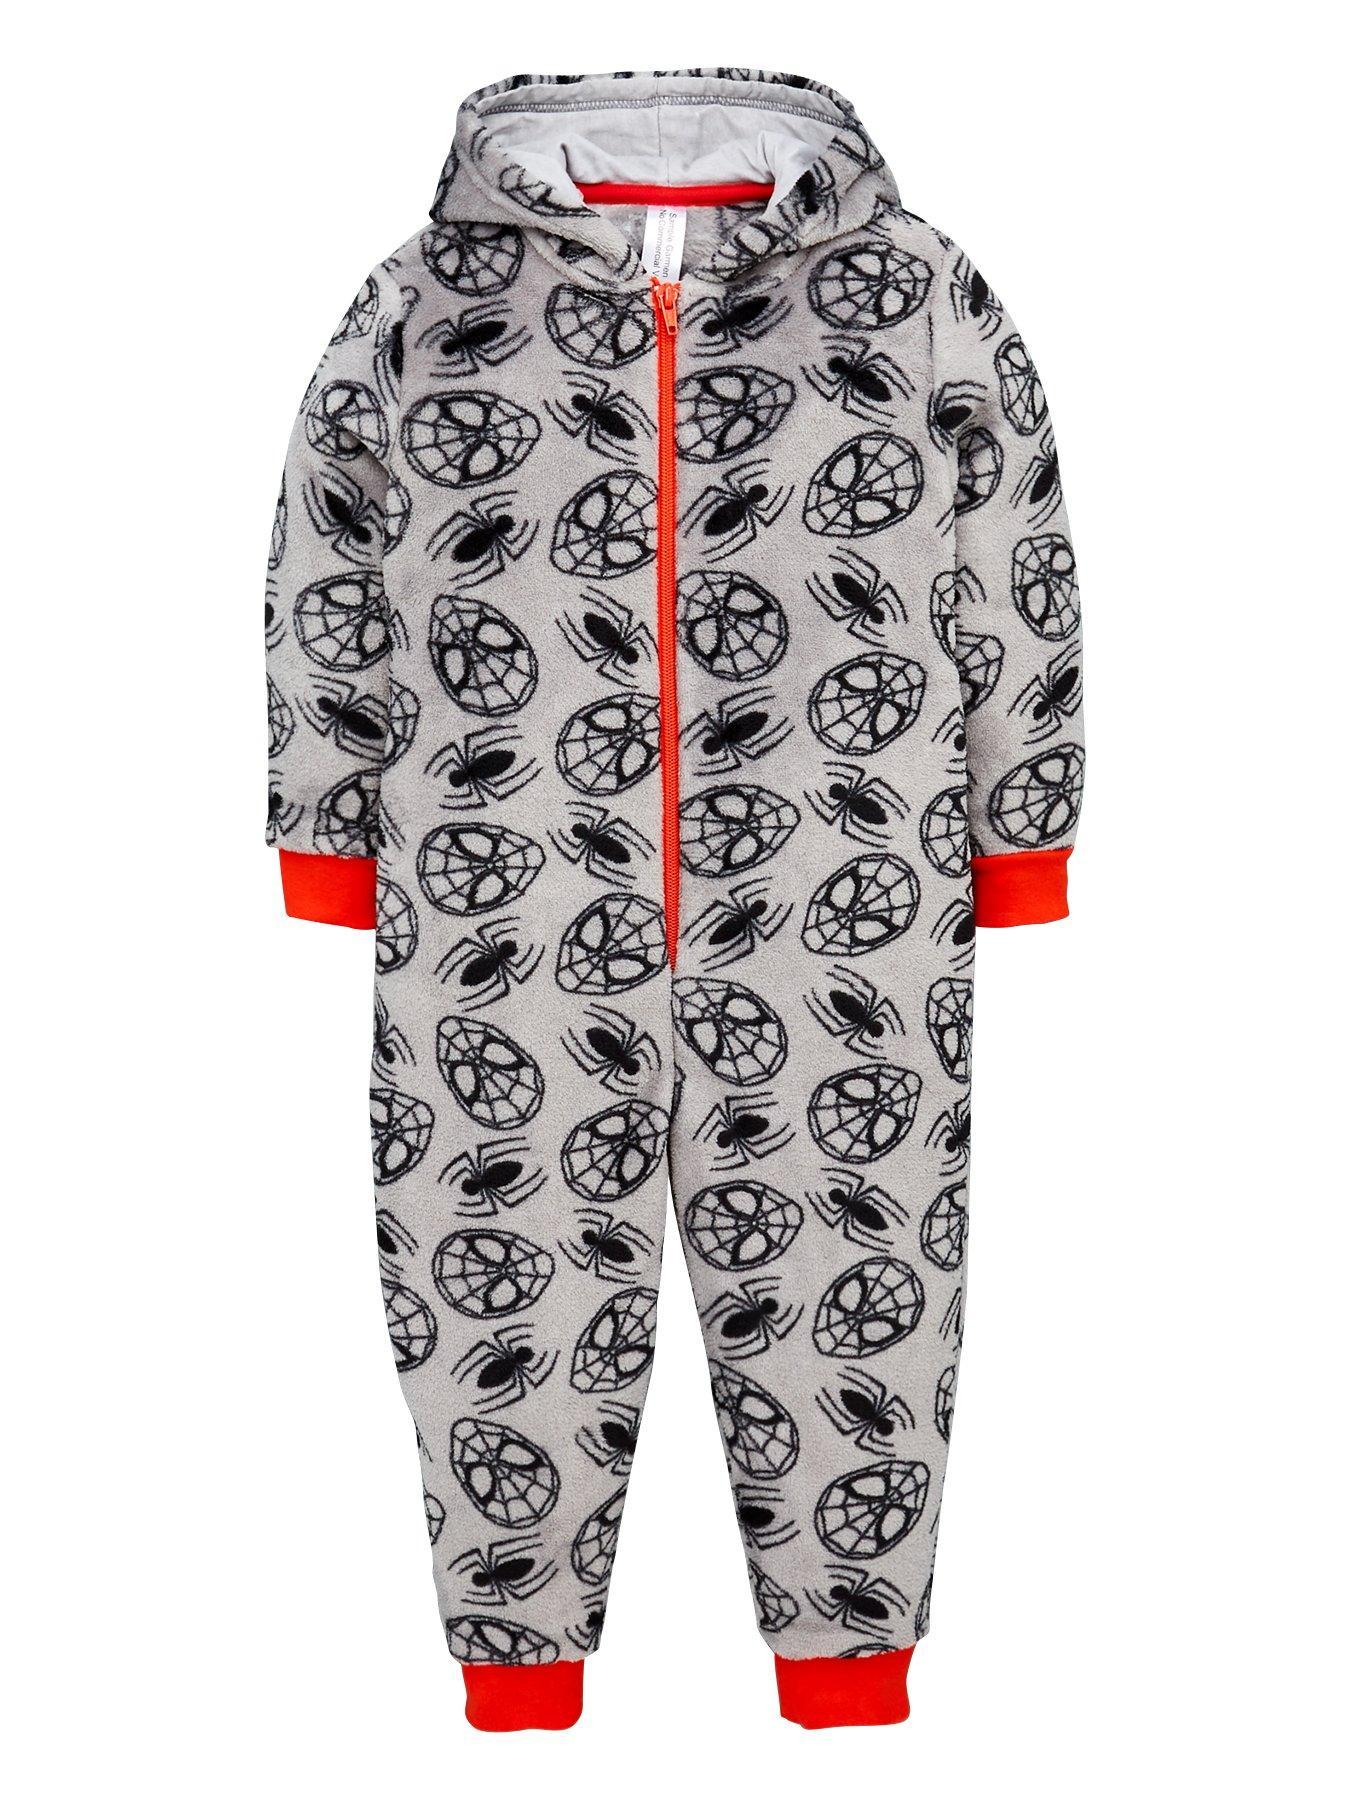 Kids Star Wars Pyjamas All In One Nightwear Fleece Girls Boys